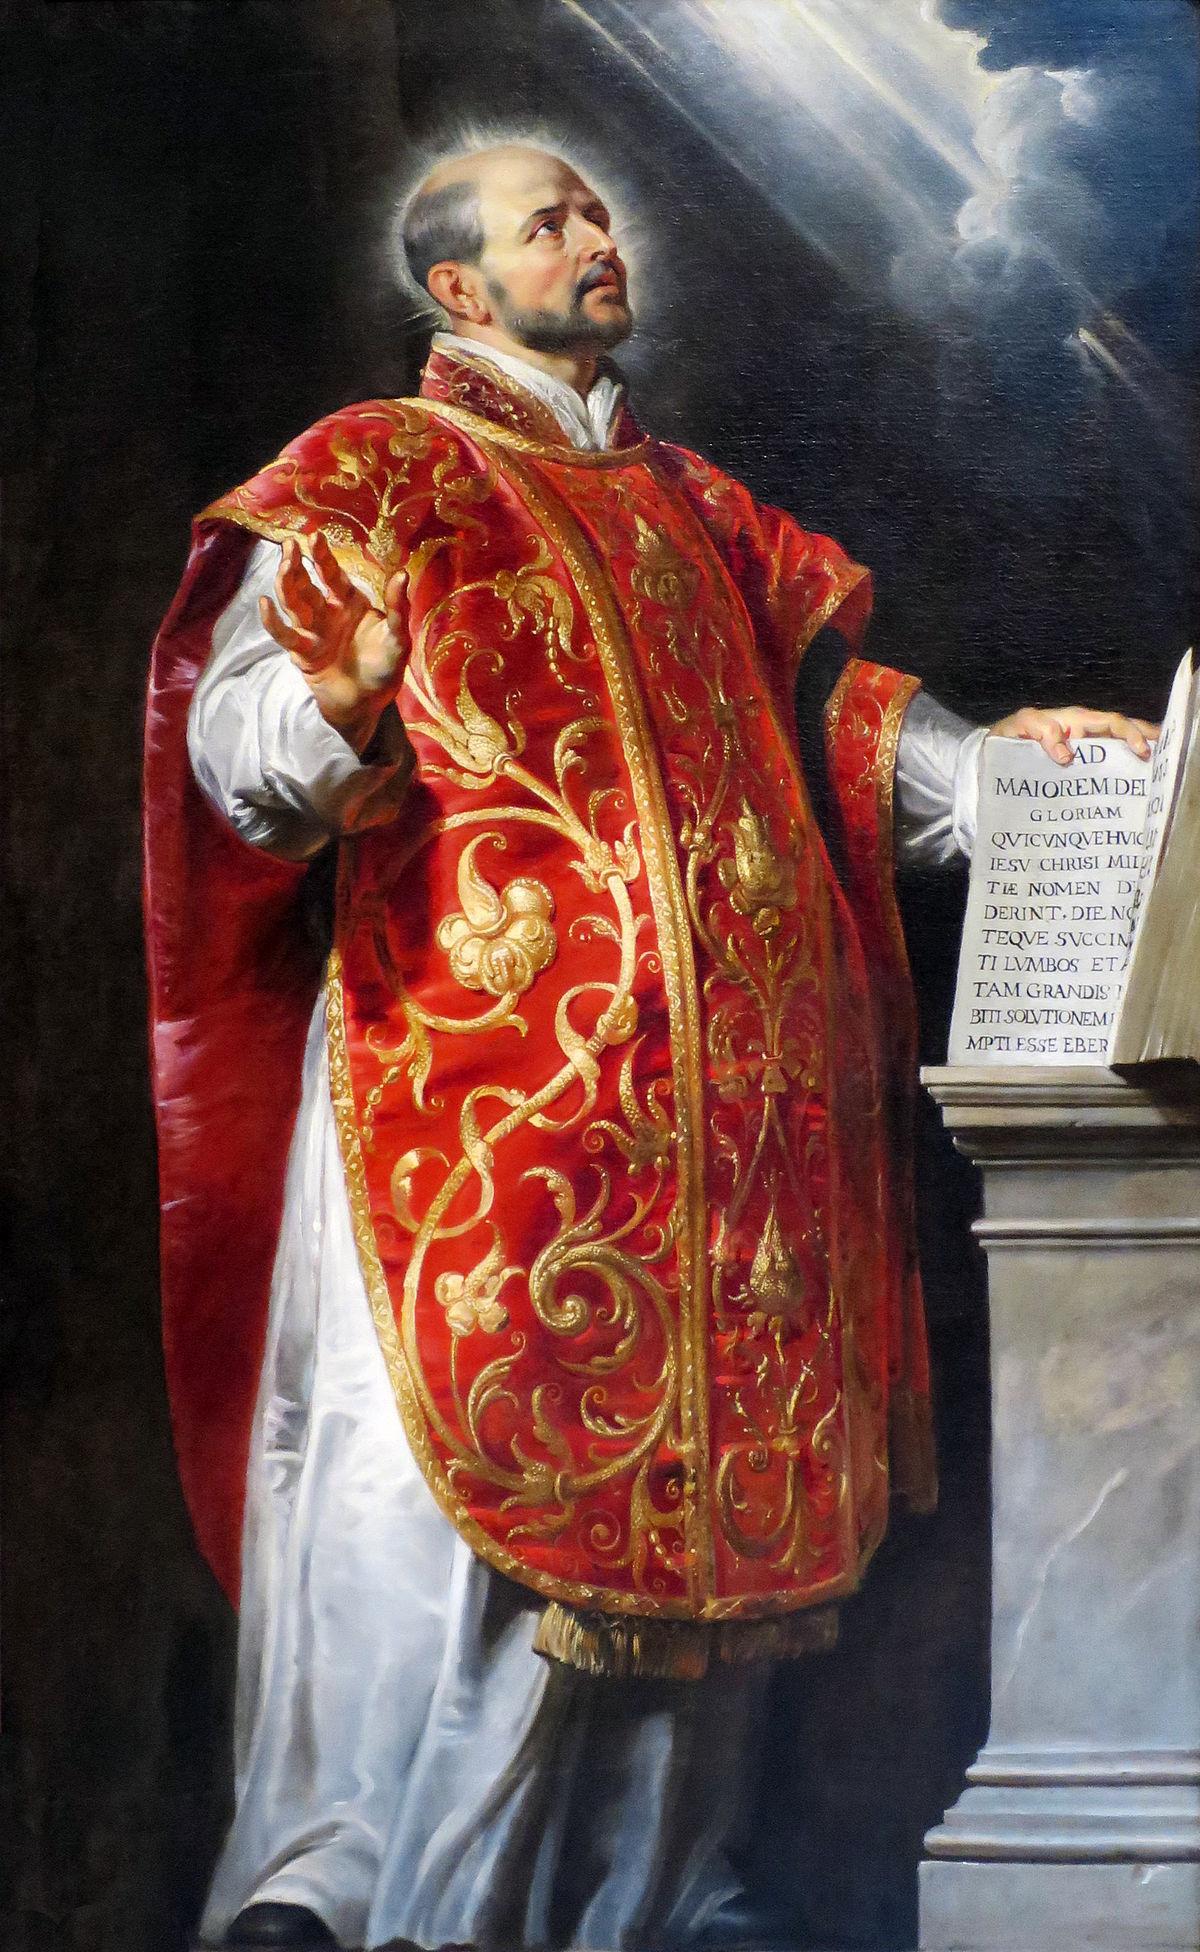 Photo of St. Ignatius of Loyola